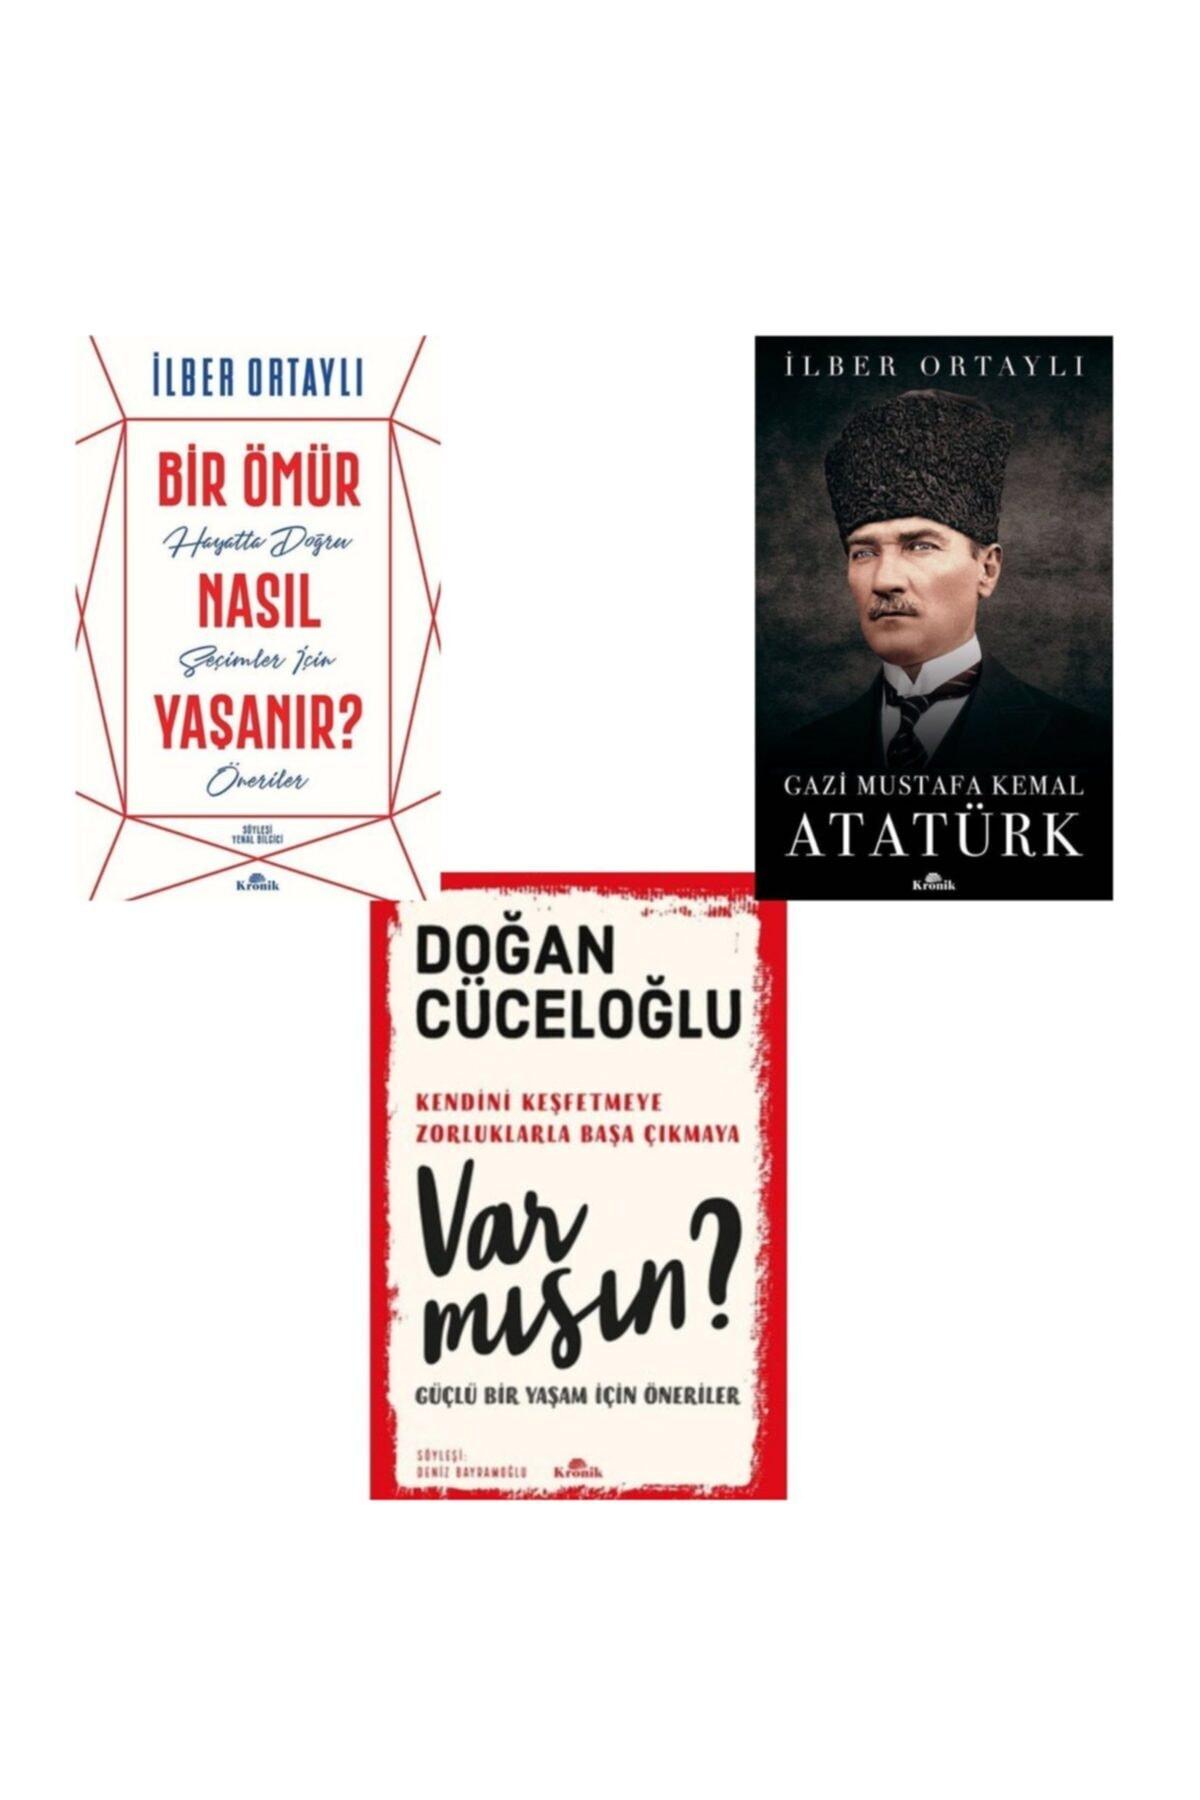 Kronik Kitap Ilber Ortaylı Imzalı / 3 Kitap Set Var Mısın?-gazi Mustafa Kemal Atatürk -bir Ömür Nasıl Yaşanır? 1